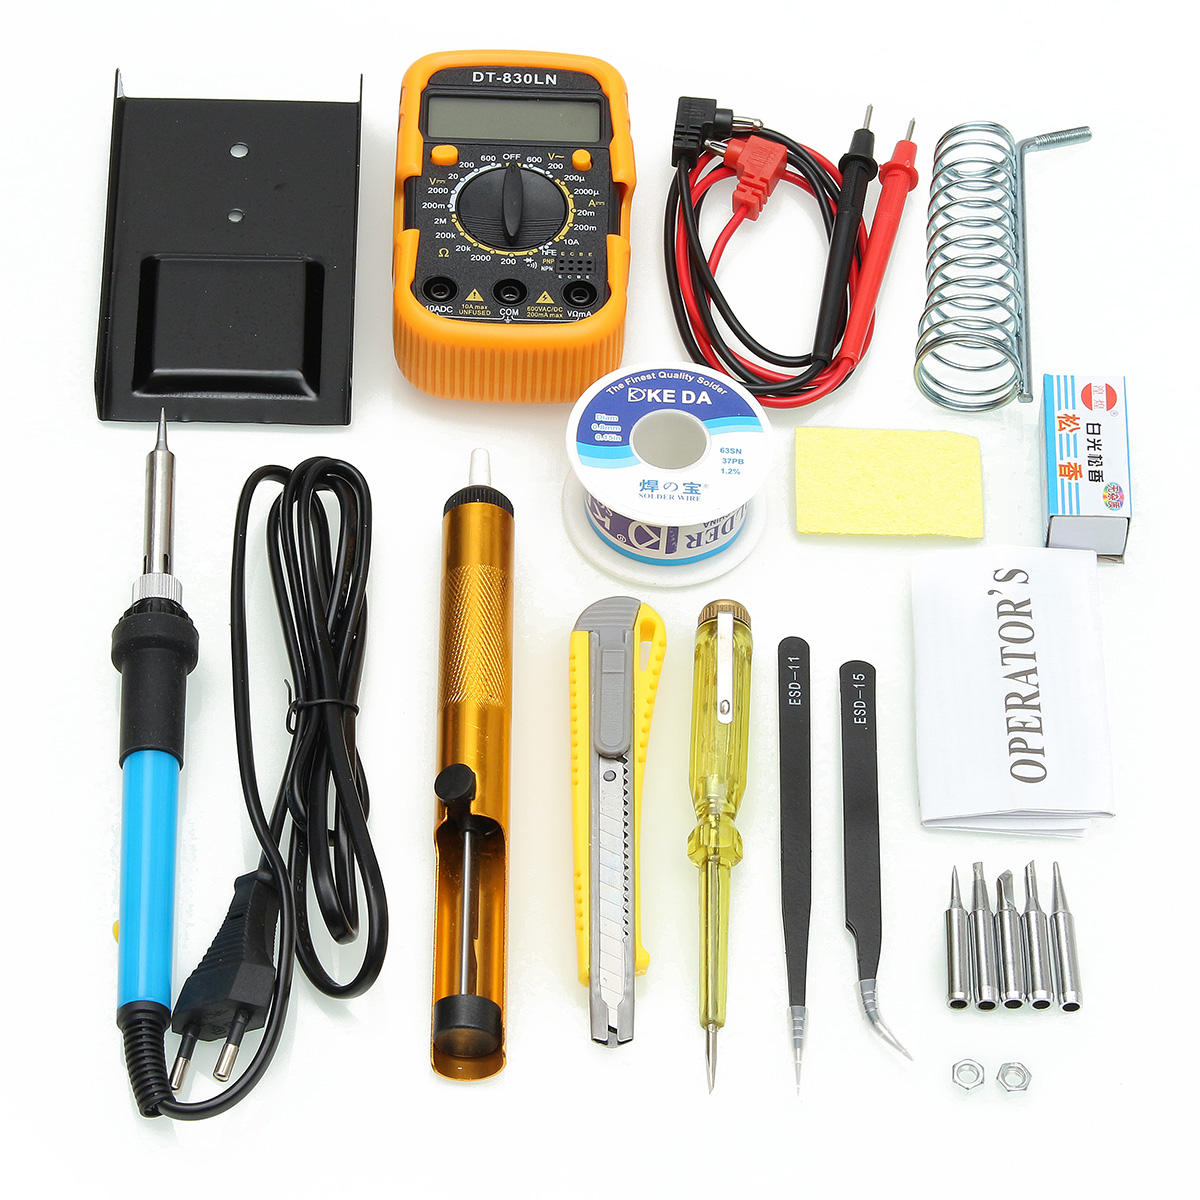 110V/220V 60W Solda de Temperatura Ajustável Ferro de Soldagem Kits Ferramenta de Multímetro